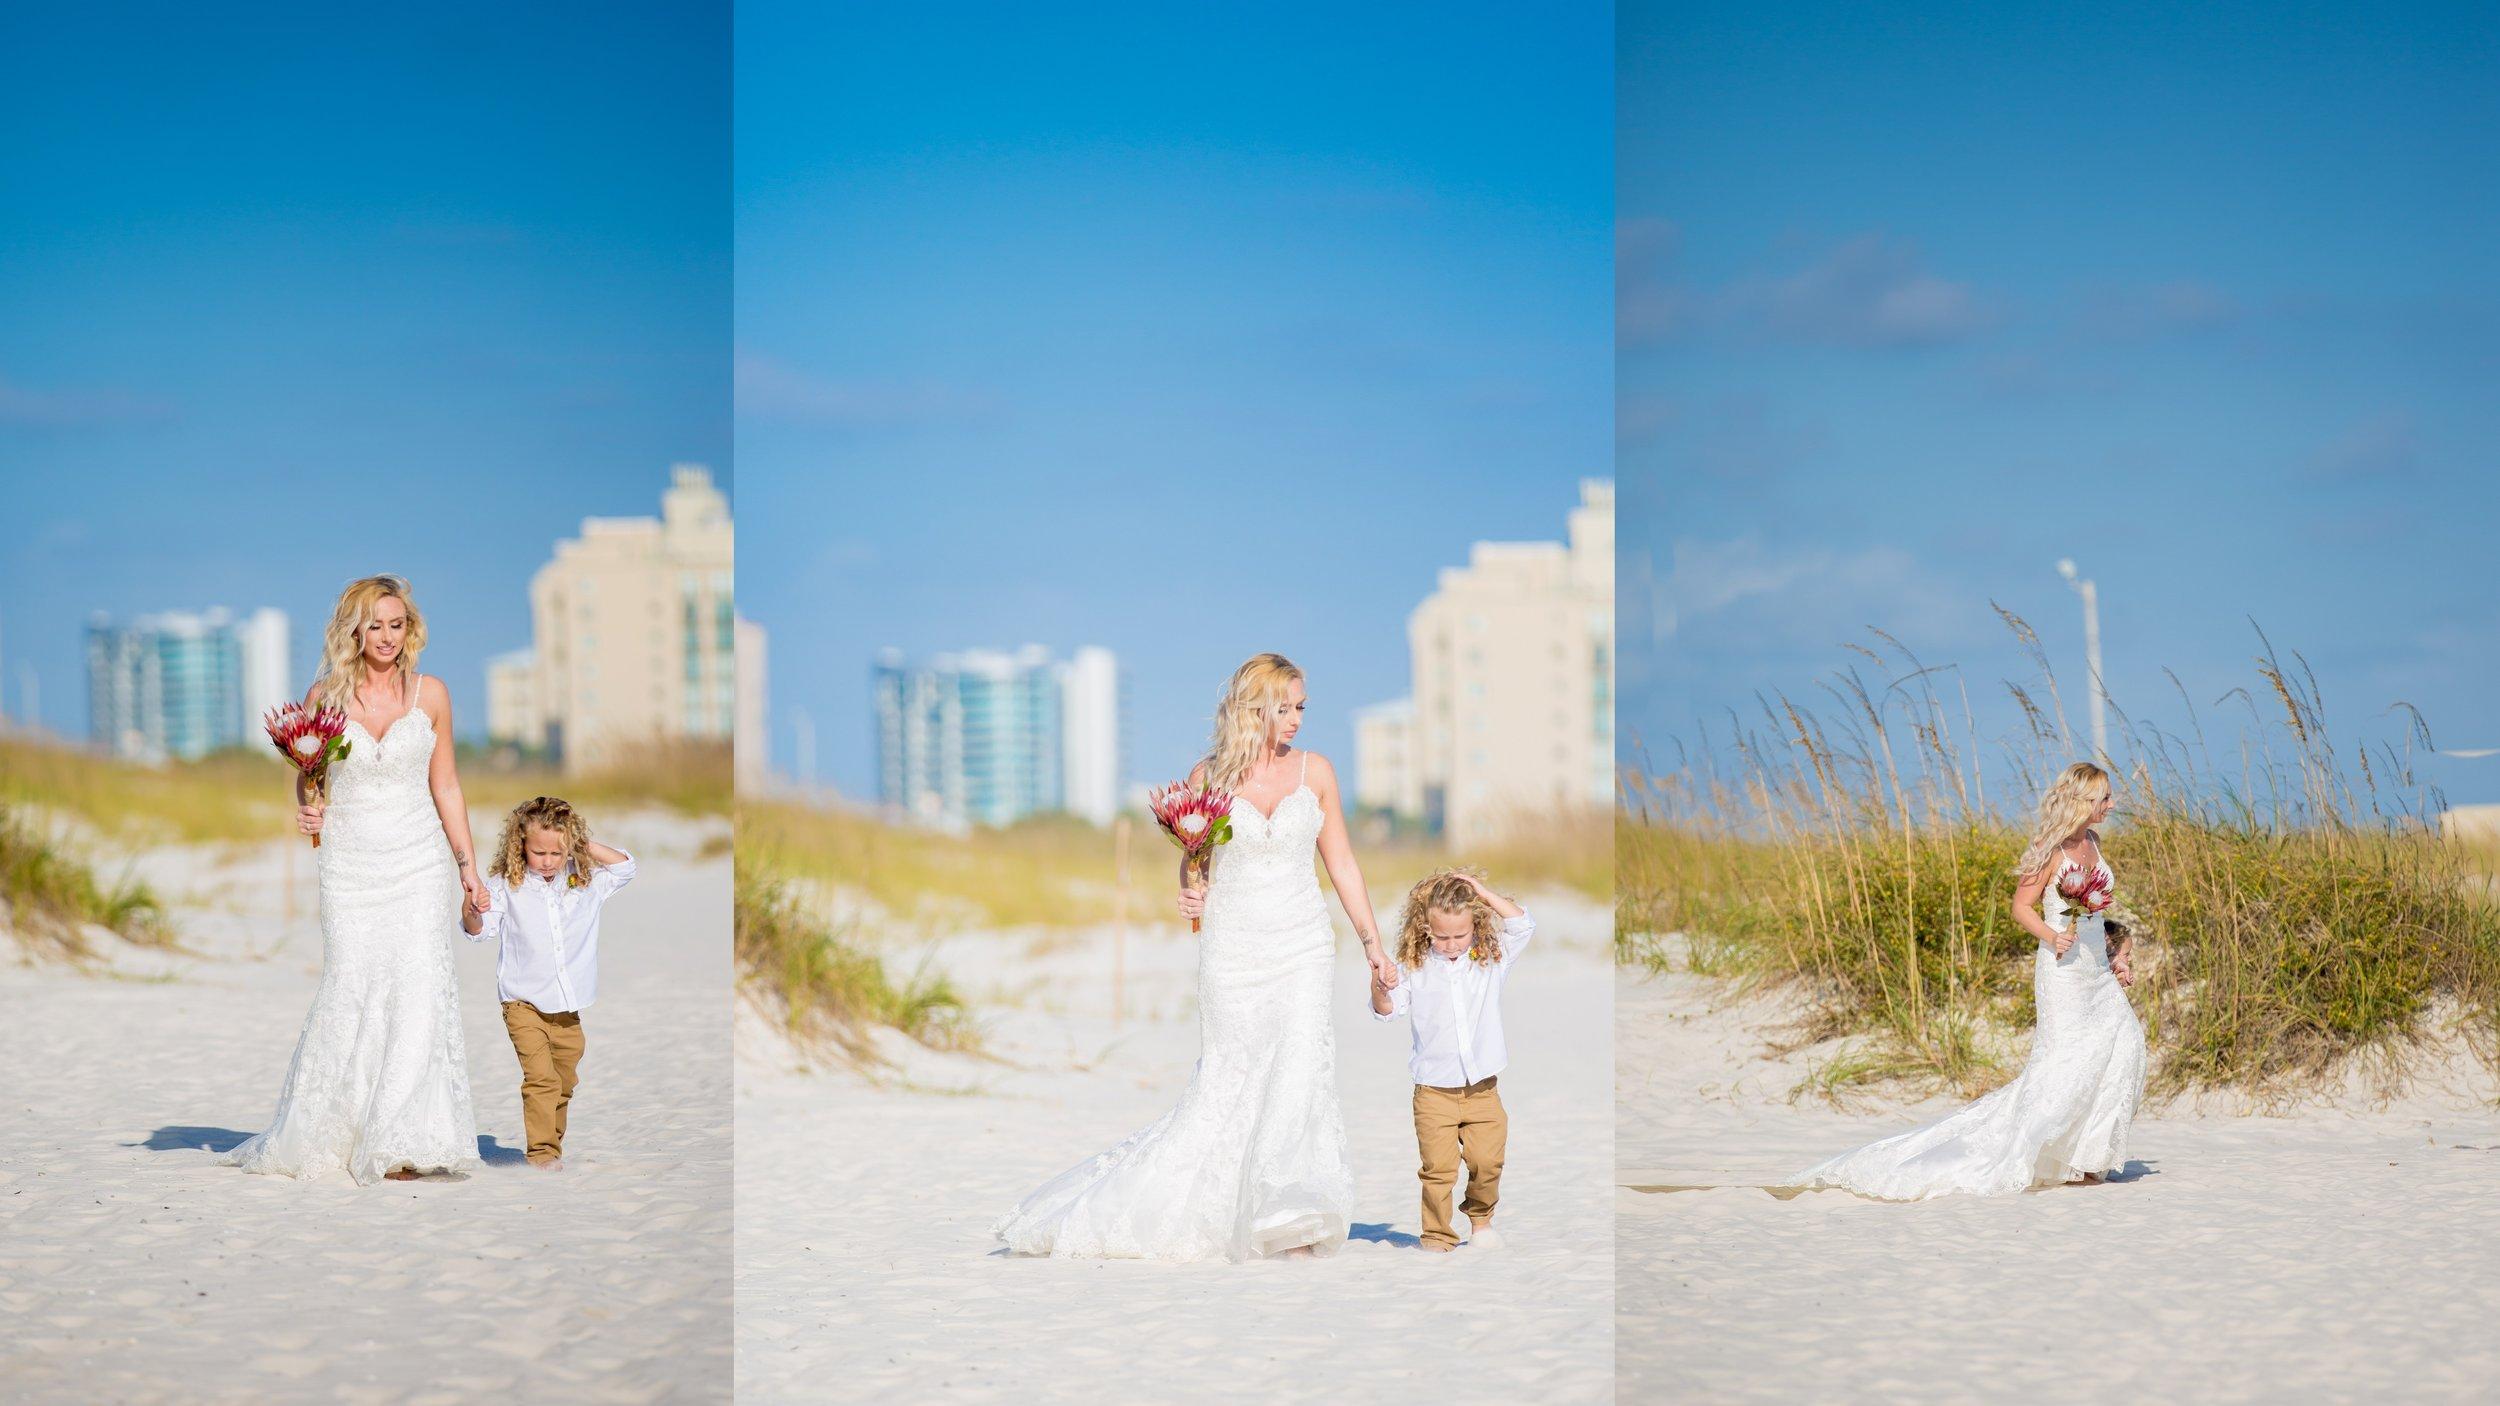 4bigdaywedding.jpg